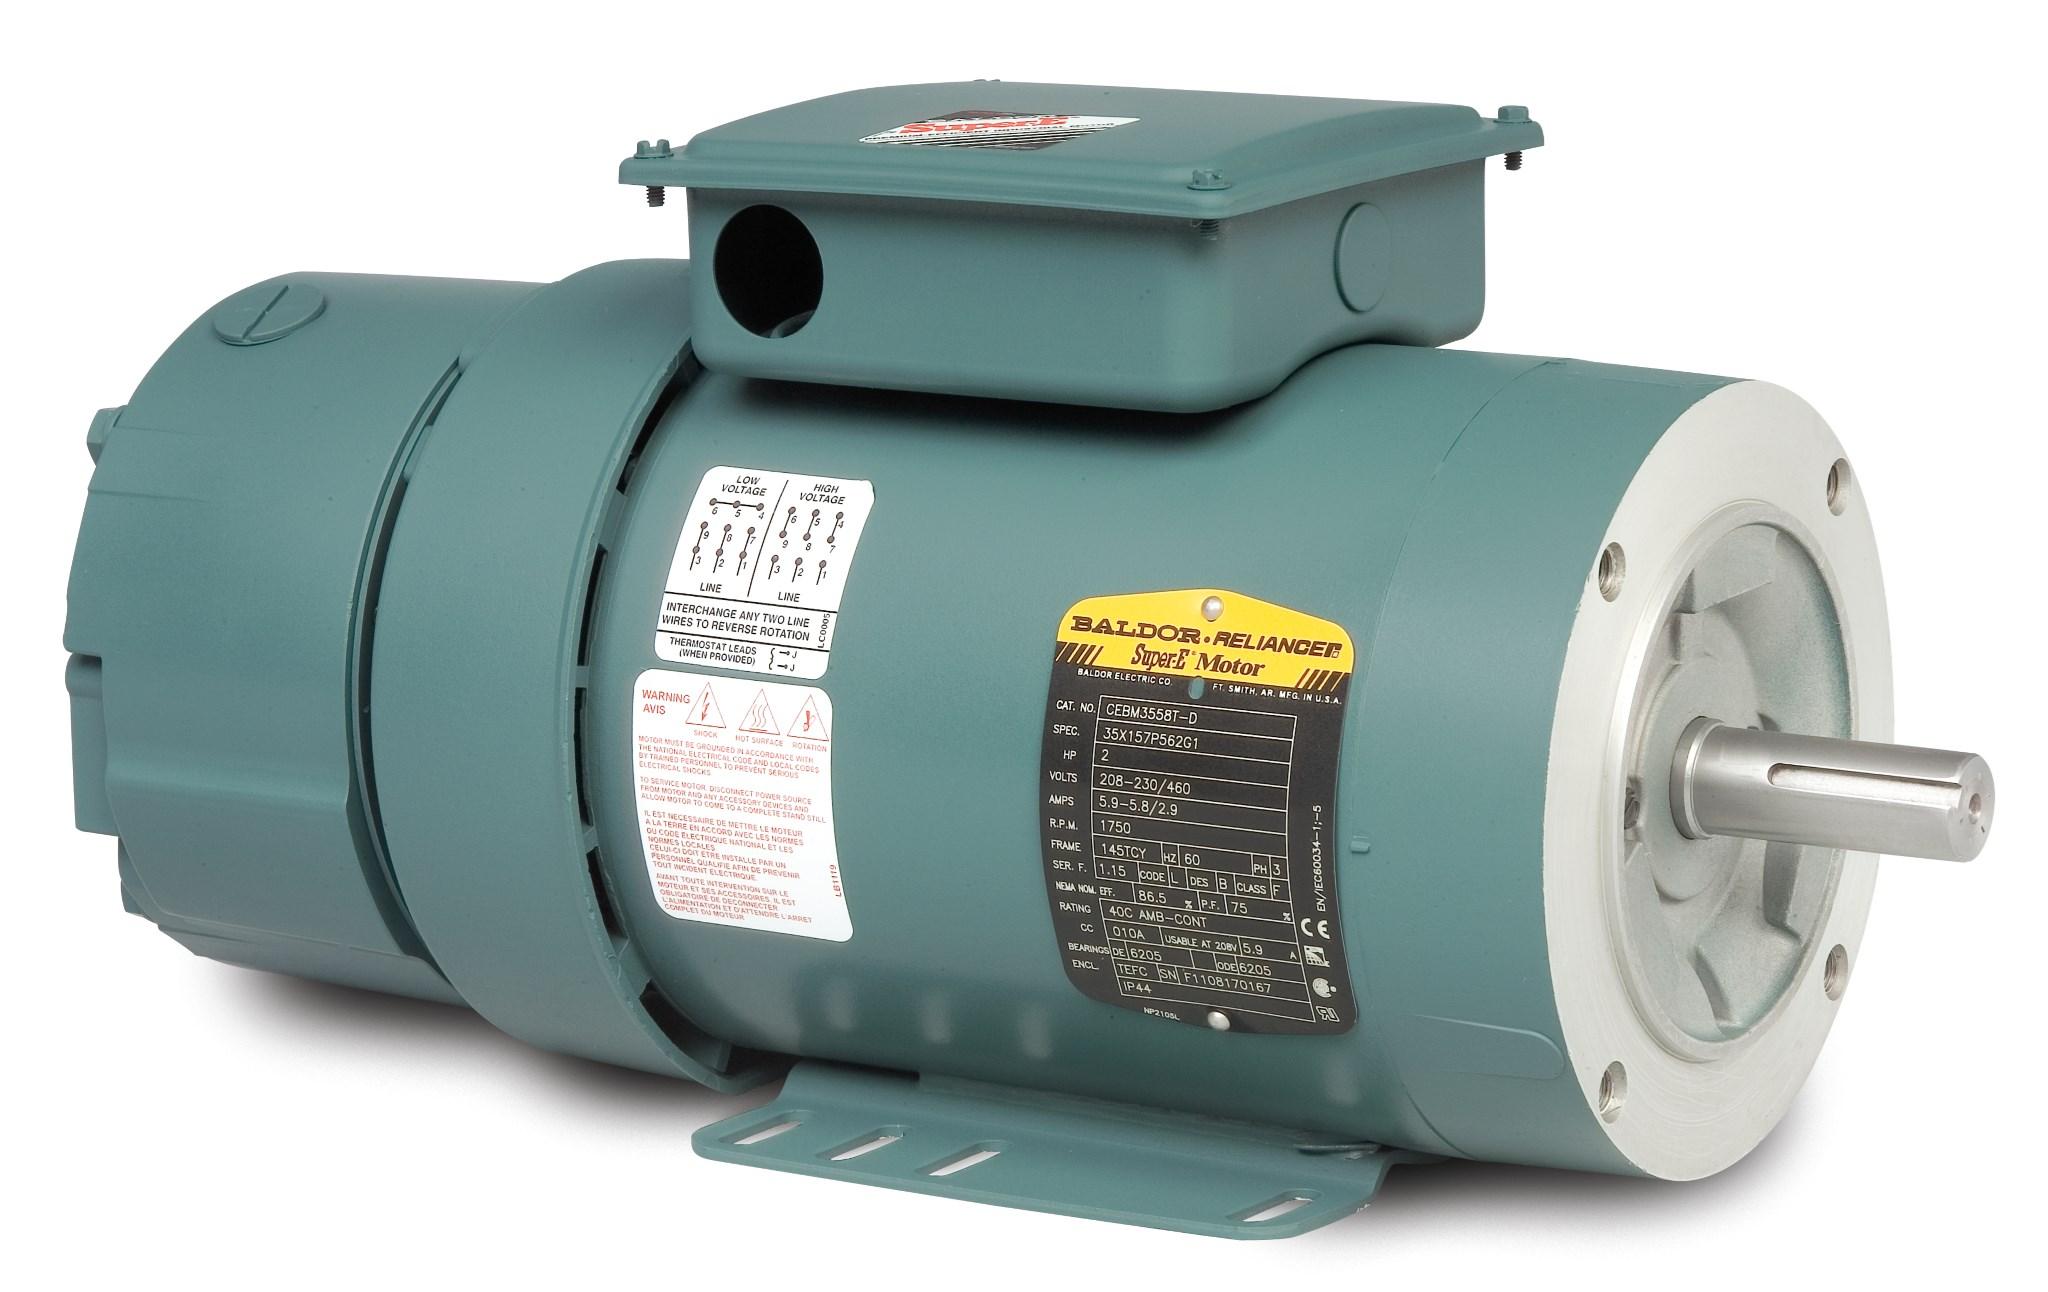 M3558t Baldor Wiring Diagramt Motor Capacitor Diagram Imagebcwhiteas1w256 D Series Brake Motors Com At